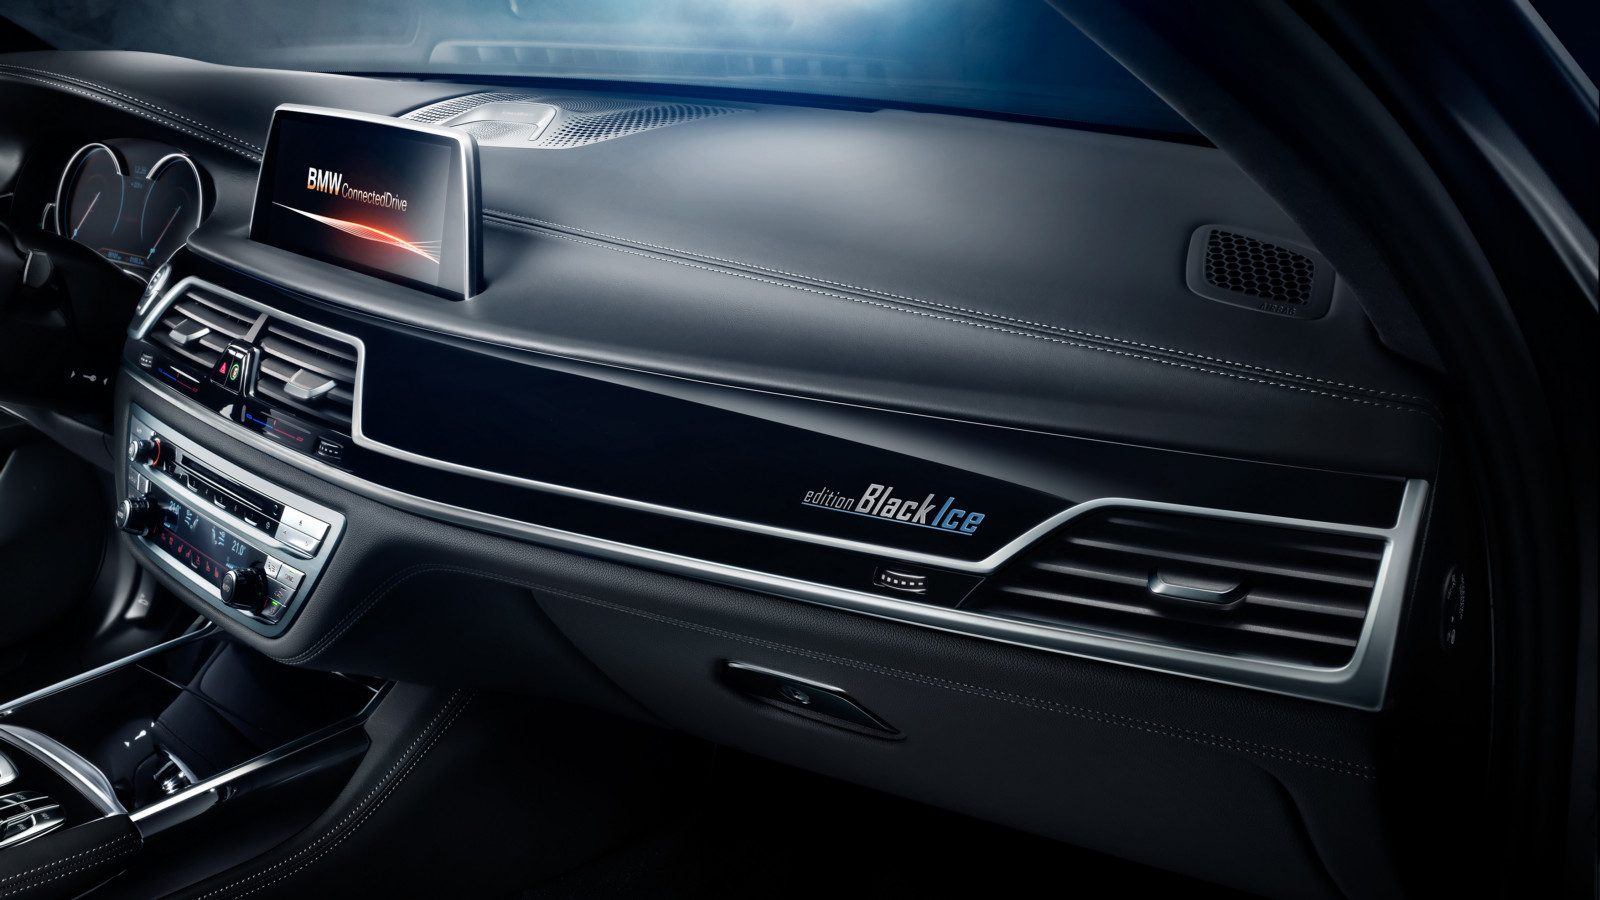 БМВ создал дляРФ специальную версию седана 7-series Edition Black Ice